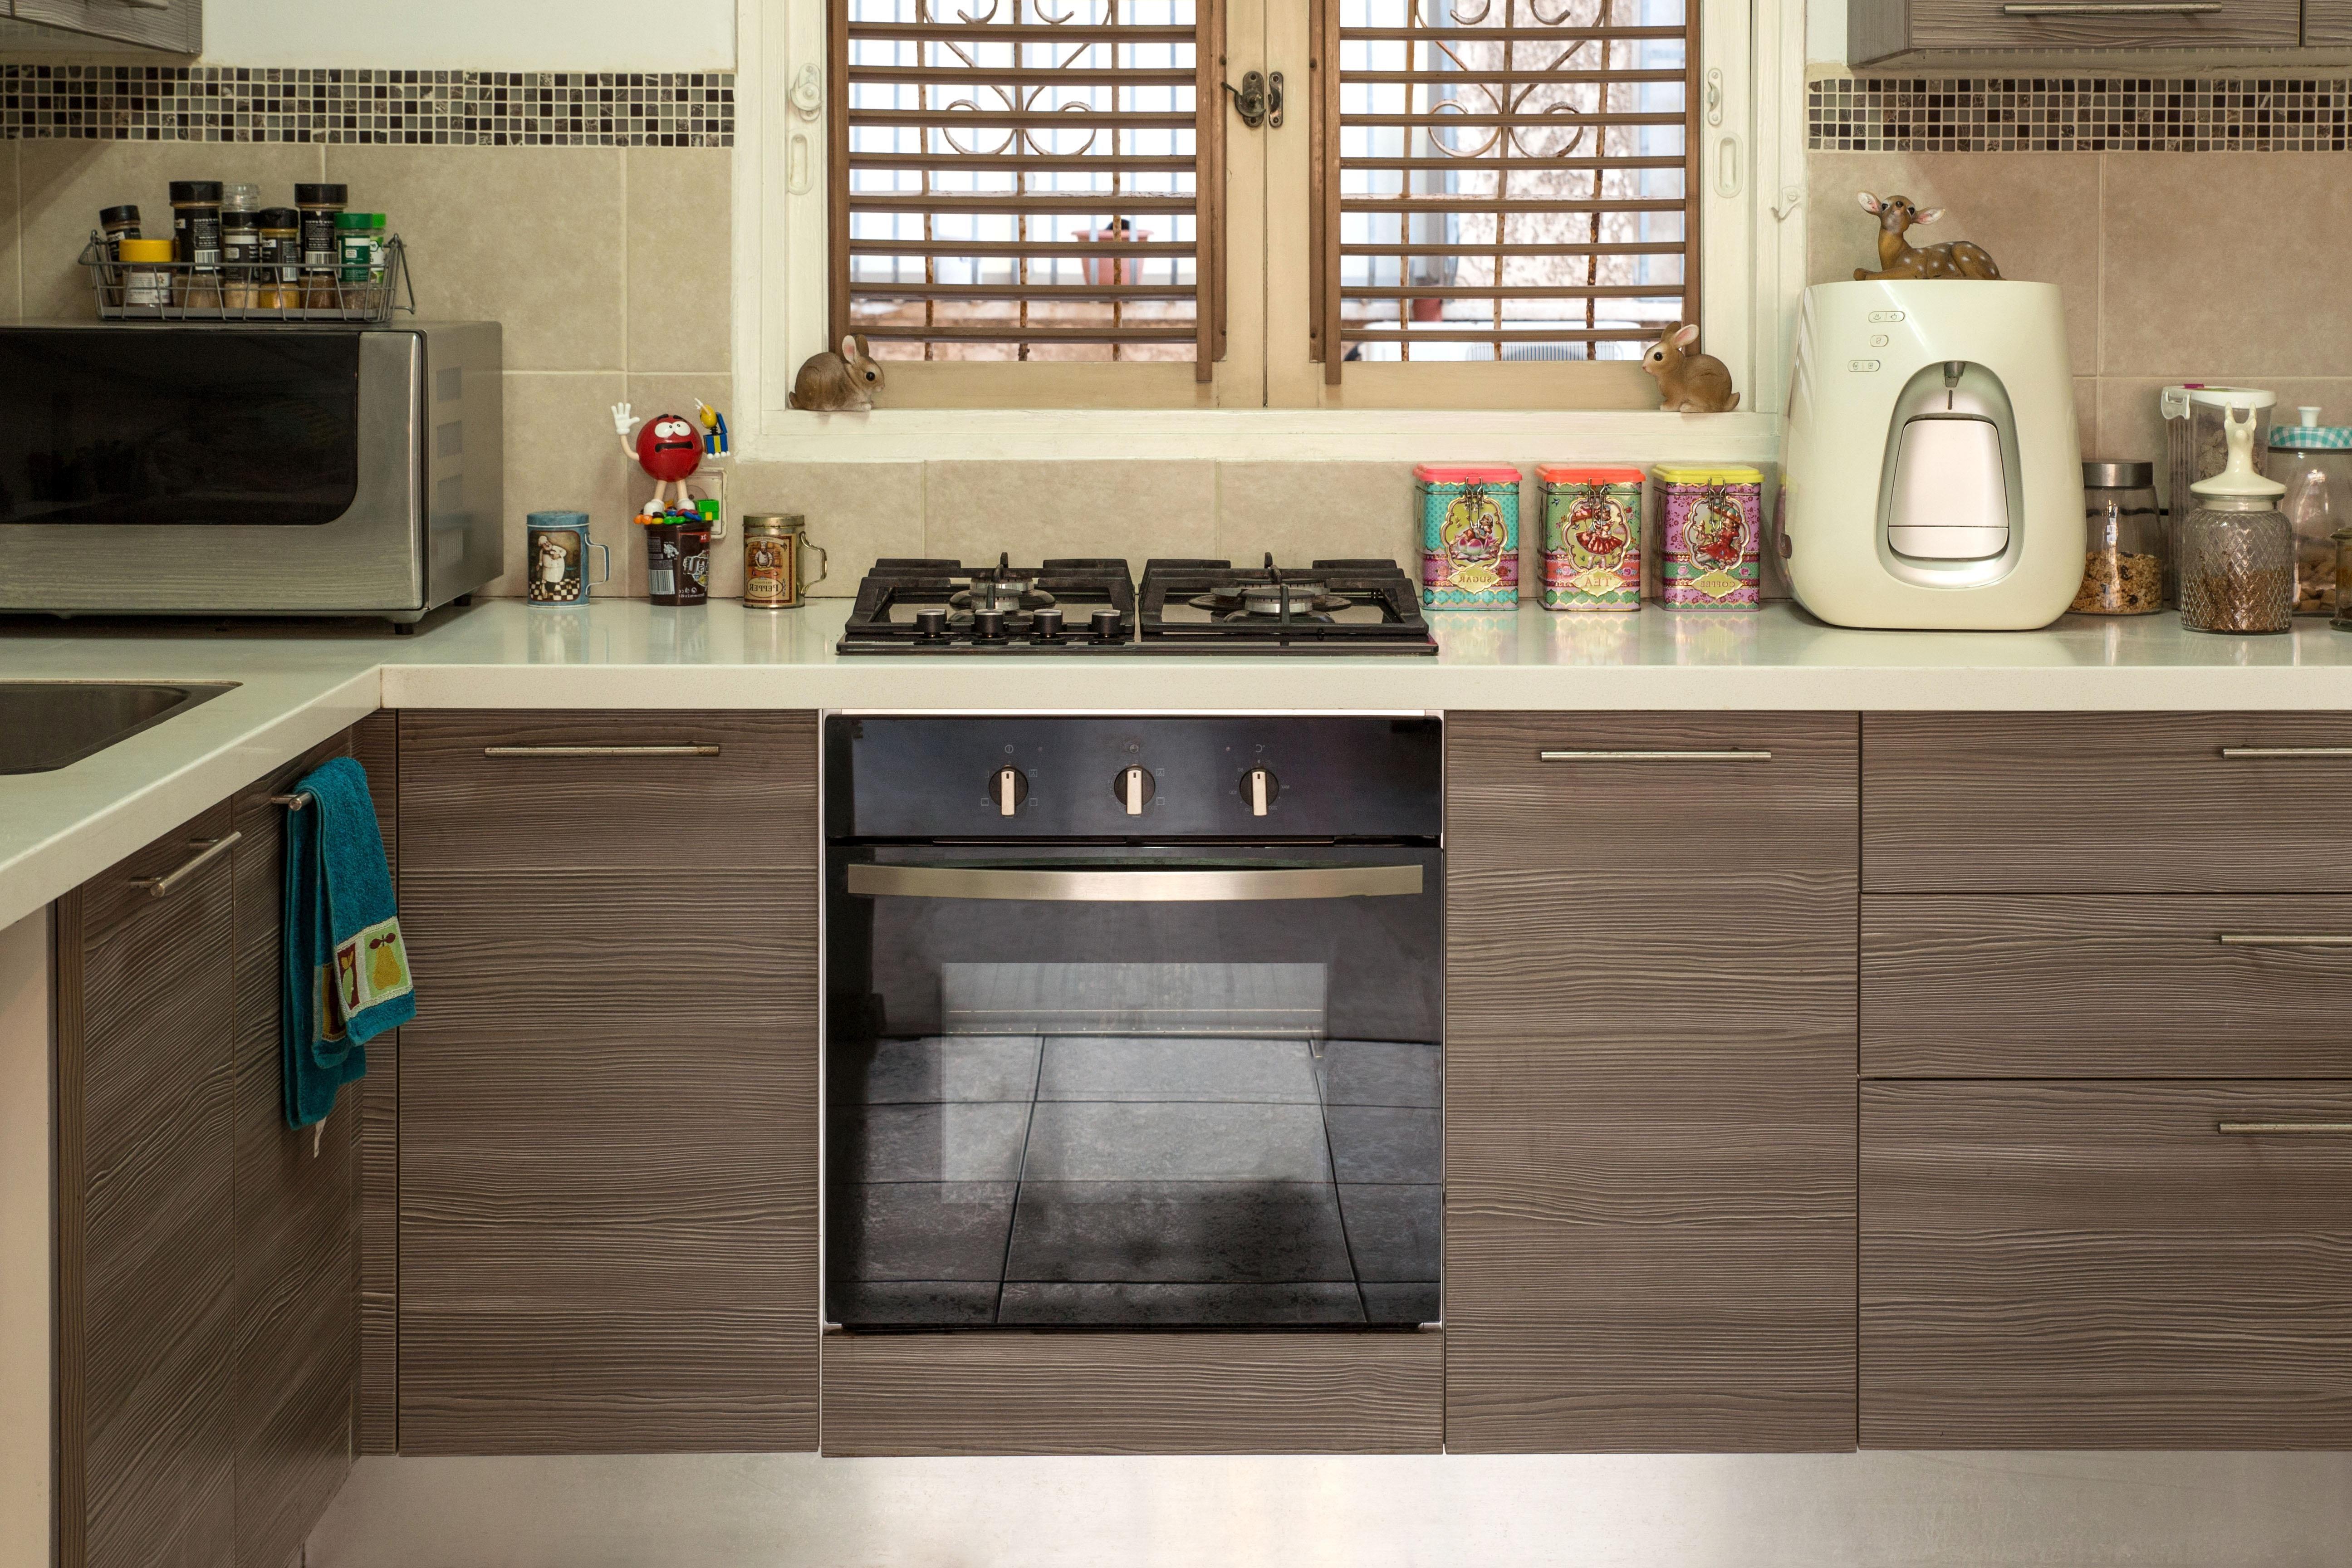 burner open store range msm equipment kitchen ov with btu oven online